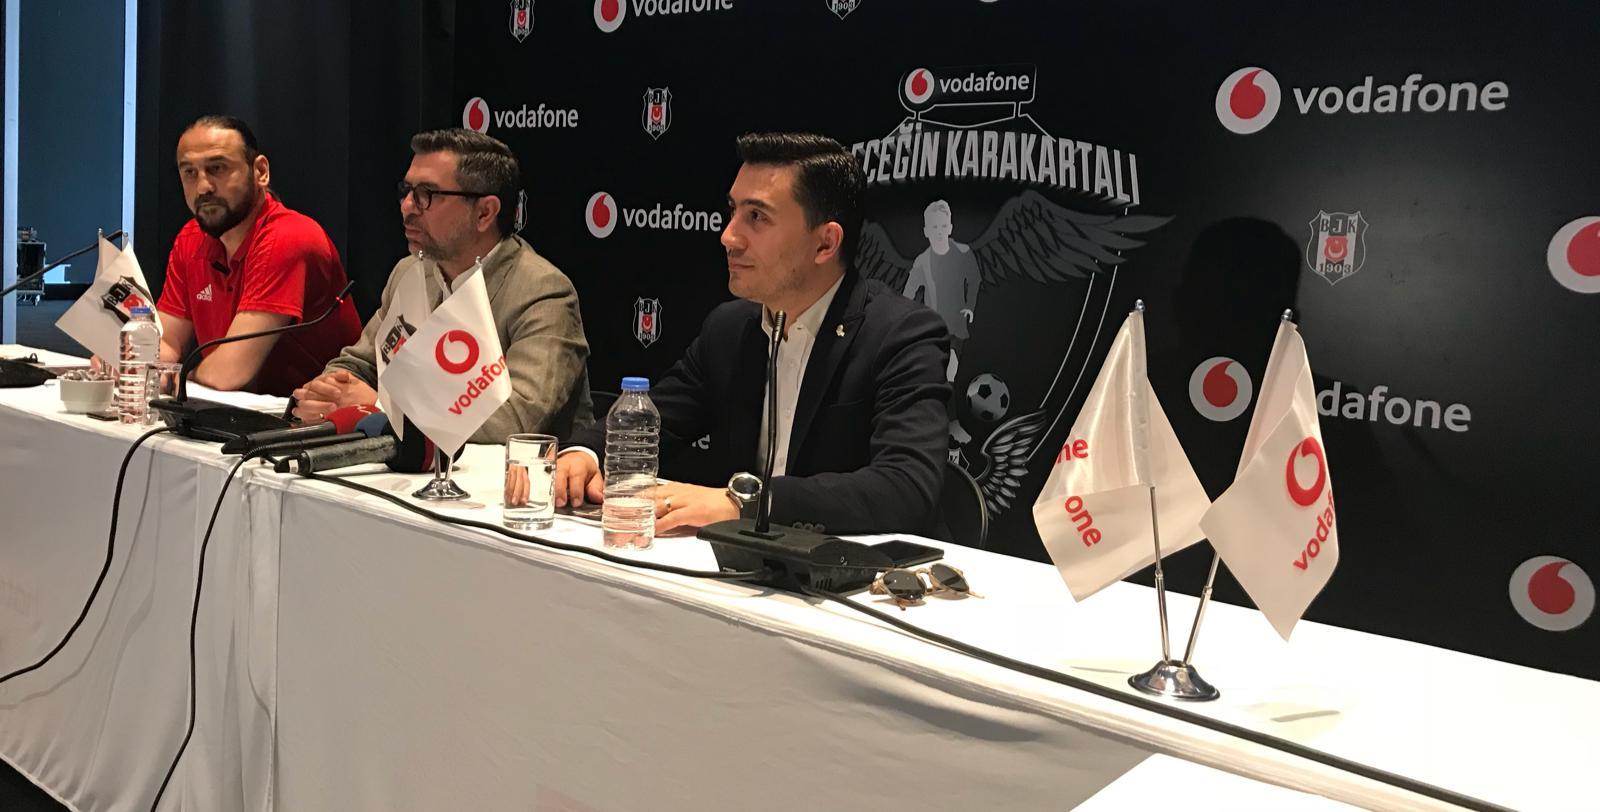 Vodafone Geleceğin KaraKartalı Projesi'nin Antalya ayağı gerçekleşti! Genç yetenekler en fazla sevdikleri oyuncuları söylediler